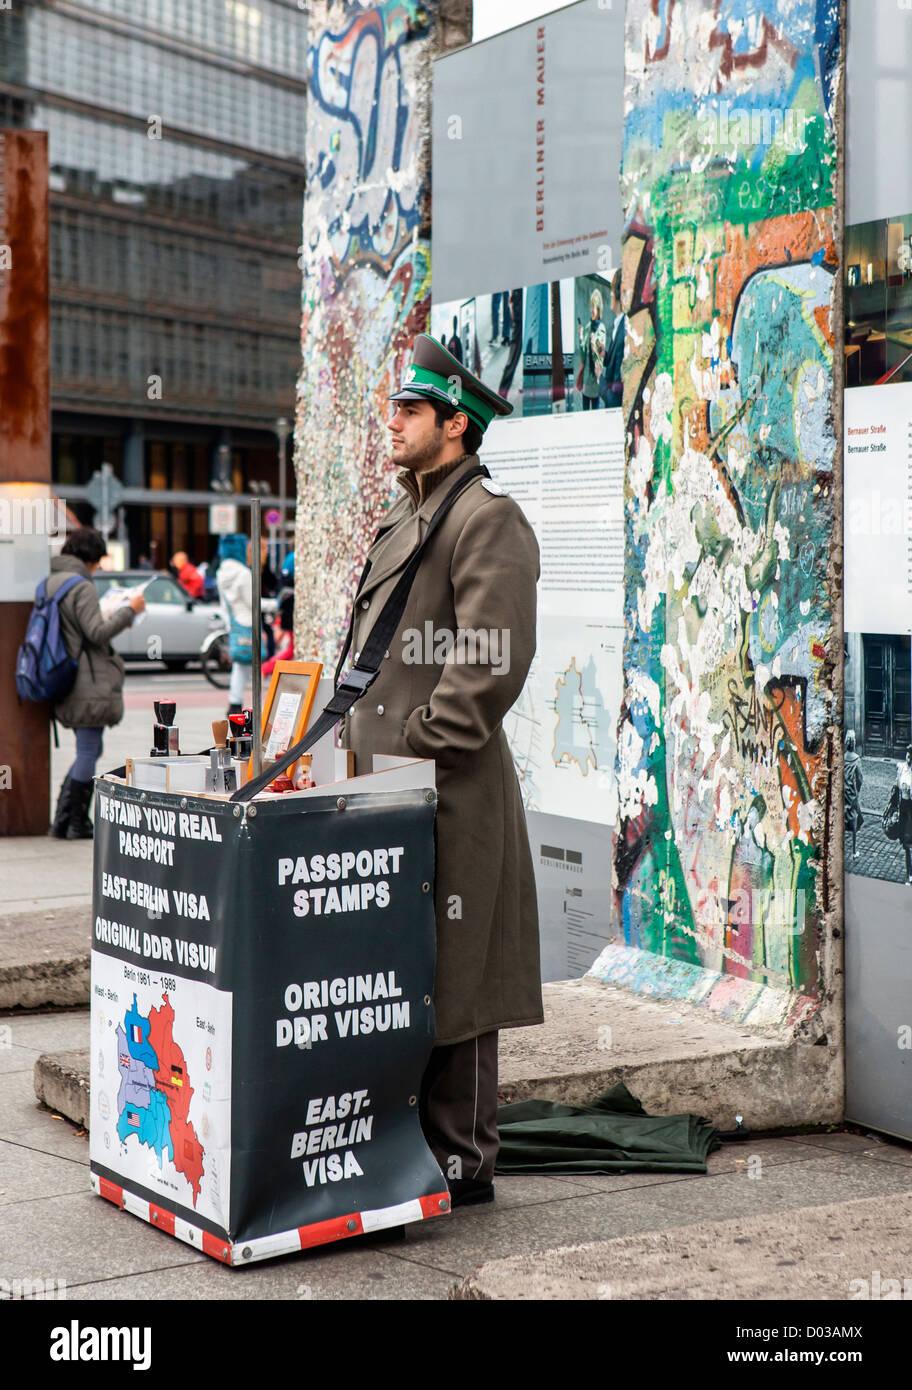 Un entrepeneur vestido con uniforme del ejército de Berlín Oriental vende sellos de visado para los pasaportes Imagen De Stock